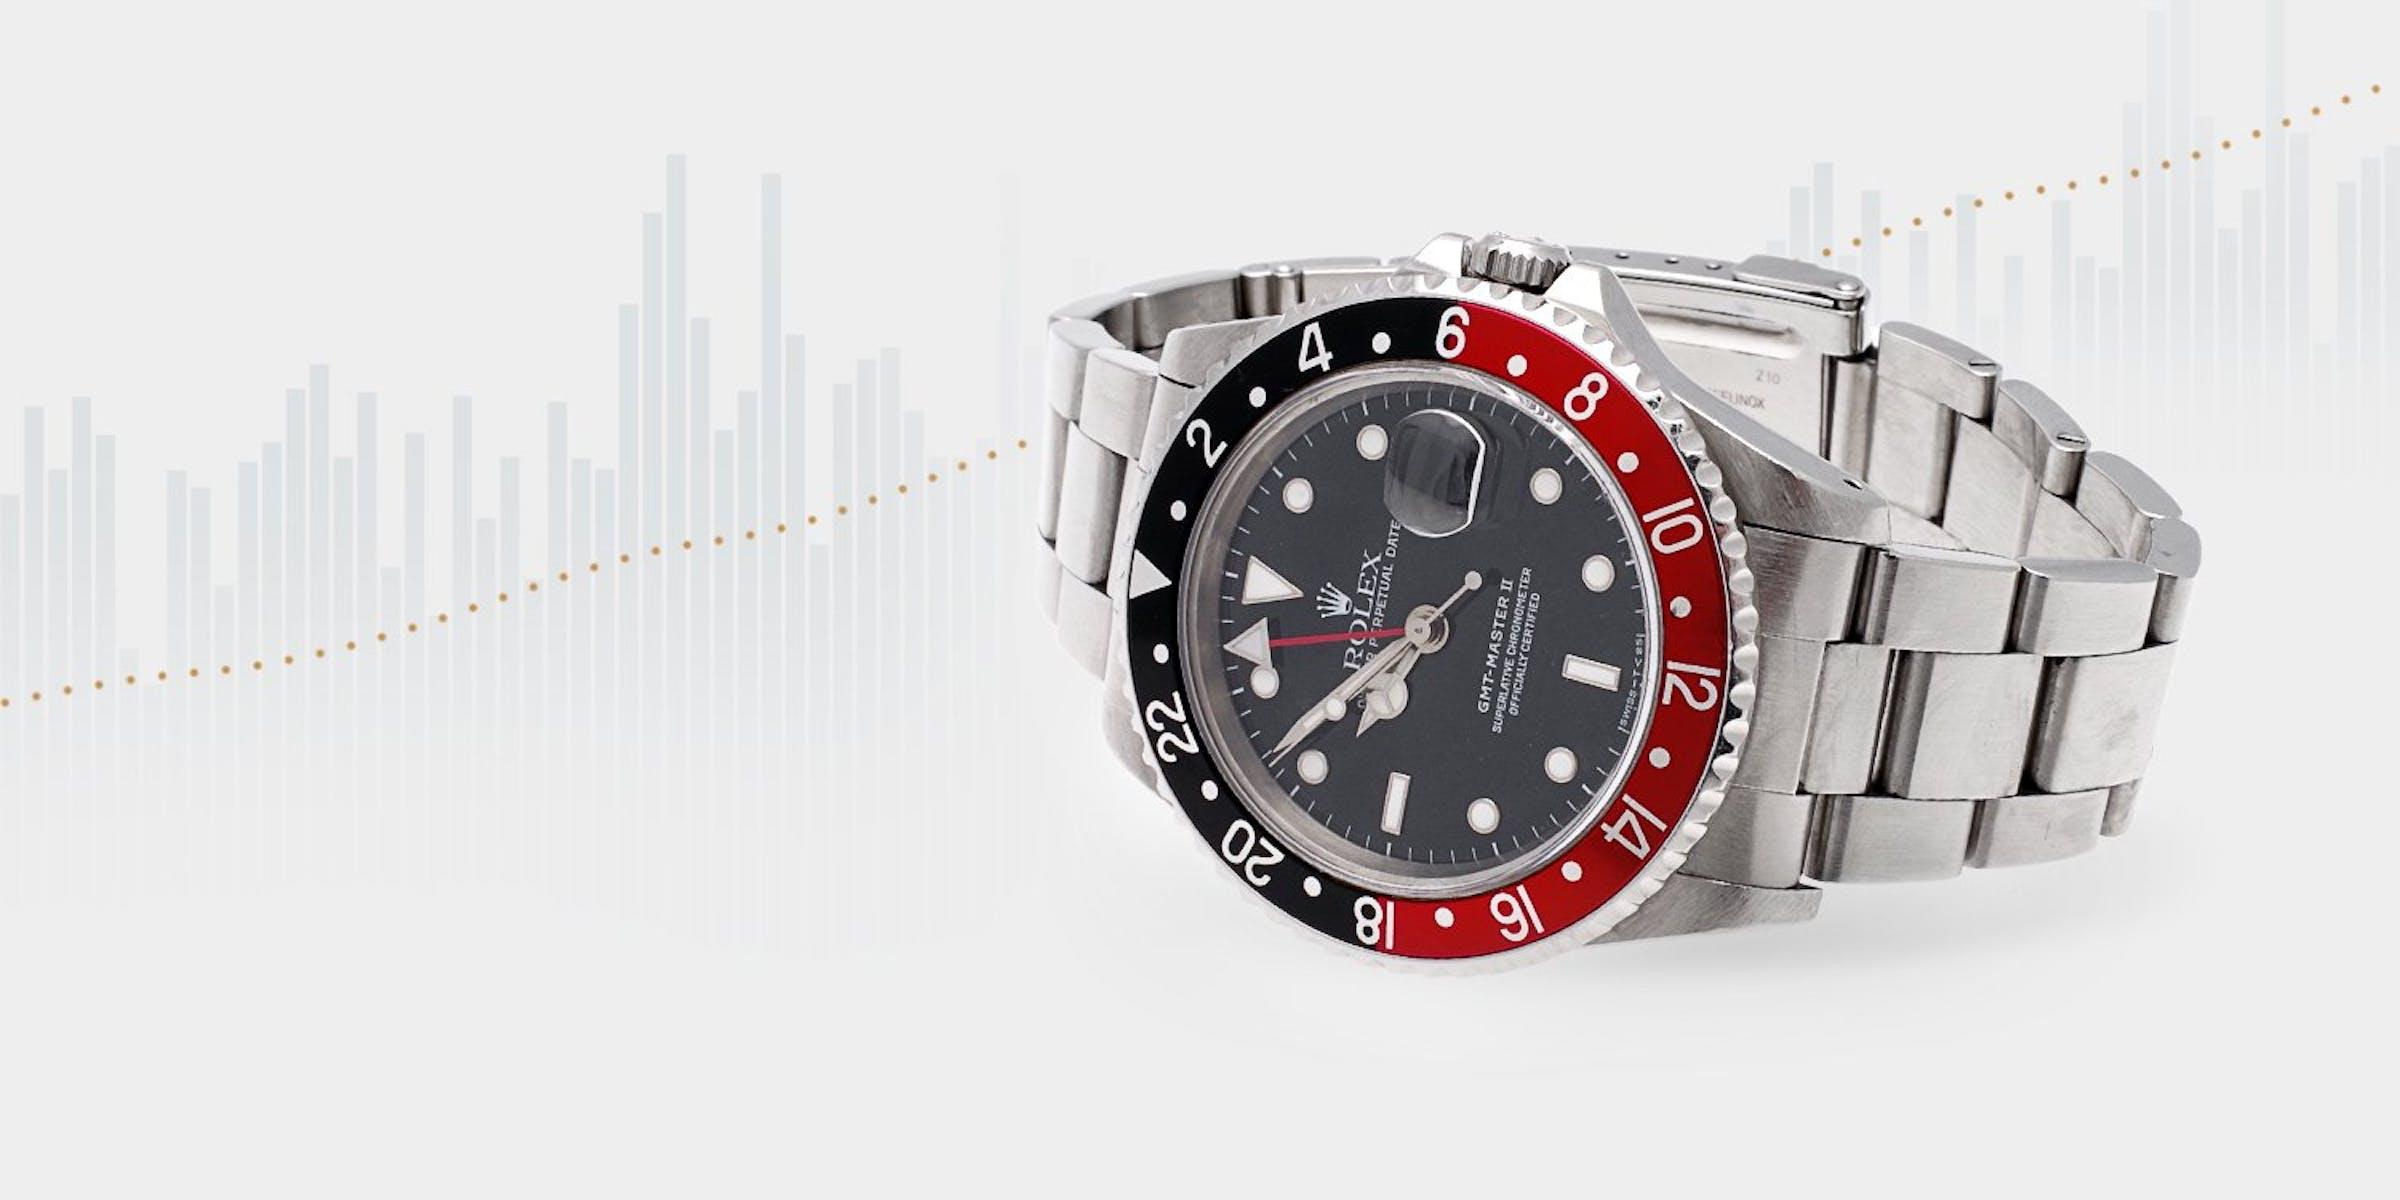 CAM-1248-Wertentwicklung-Most-Sold-Rolex-Modelle-Magazin-2-1